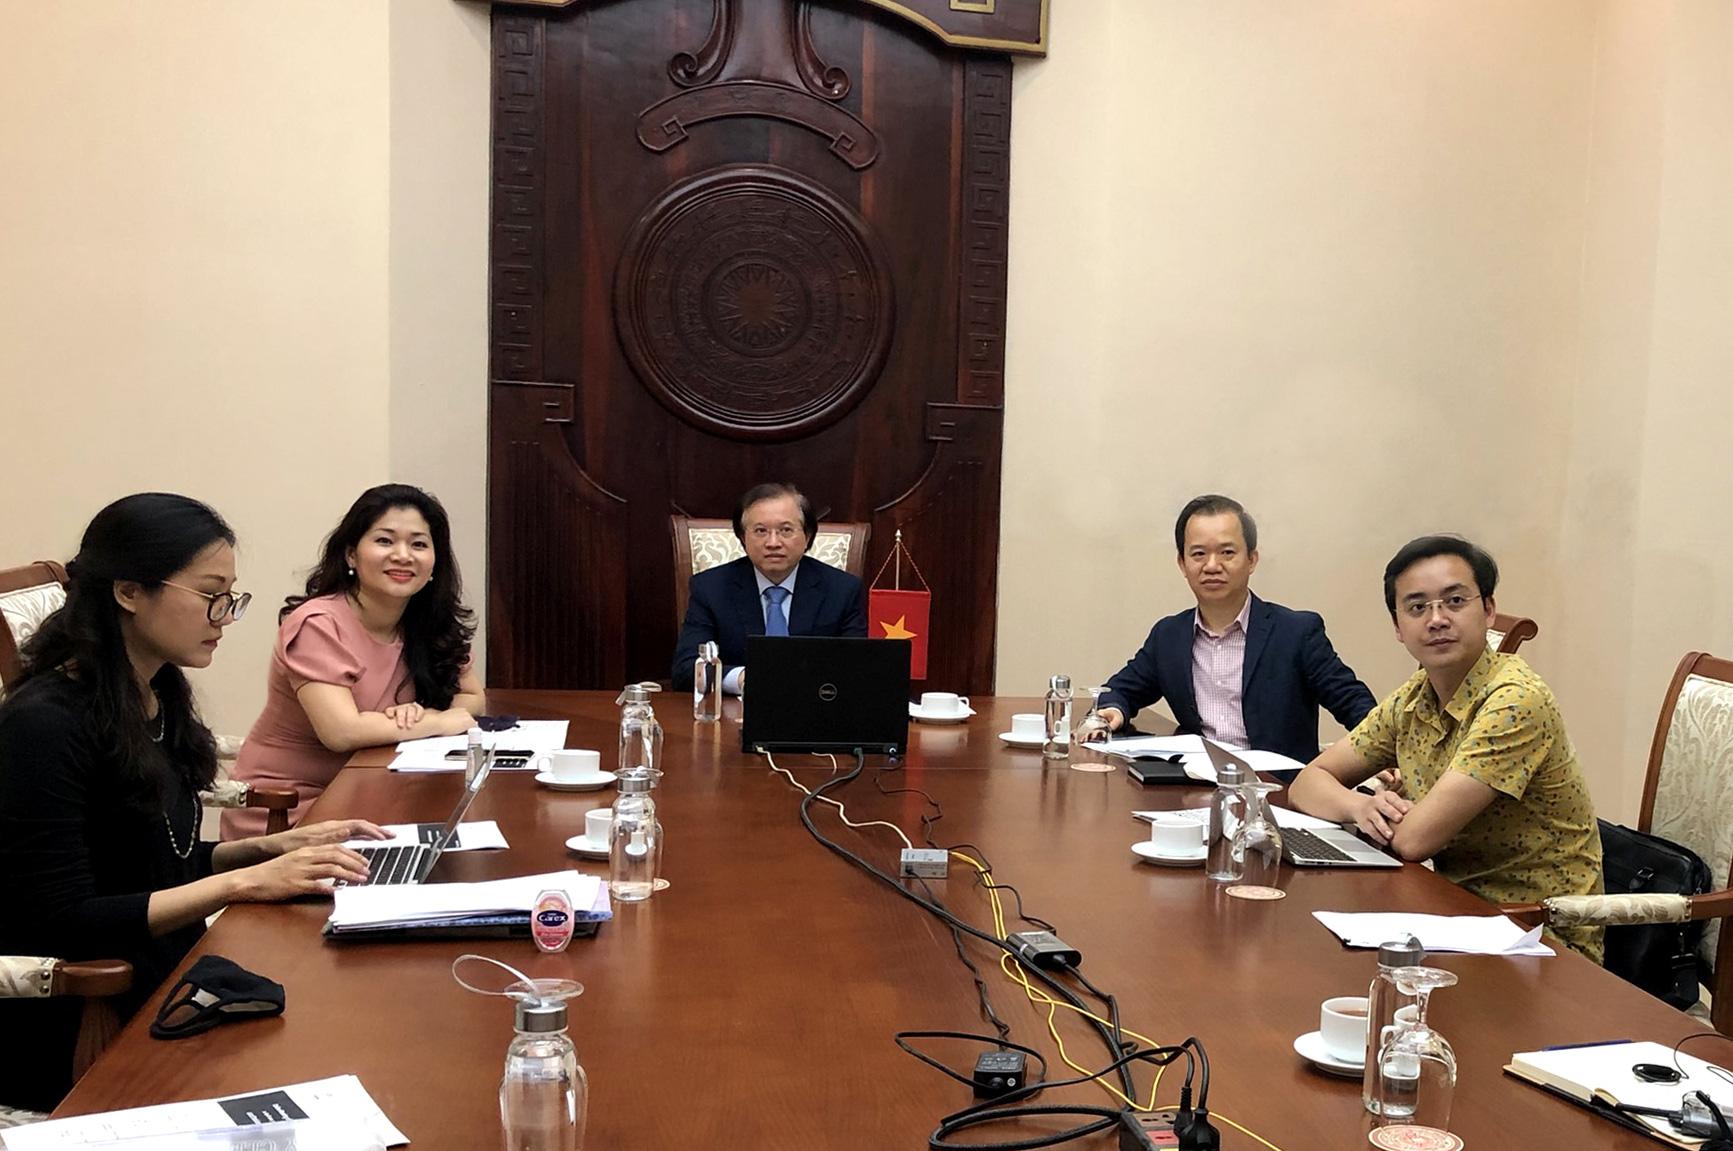 Hội nghị trực tuyến Bộ trưởng Văn hoá UNESCO - Ảnh 3.